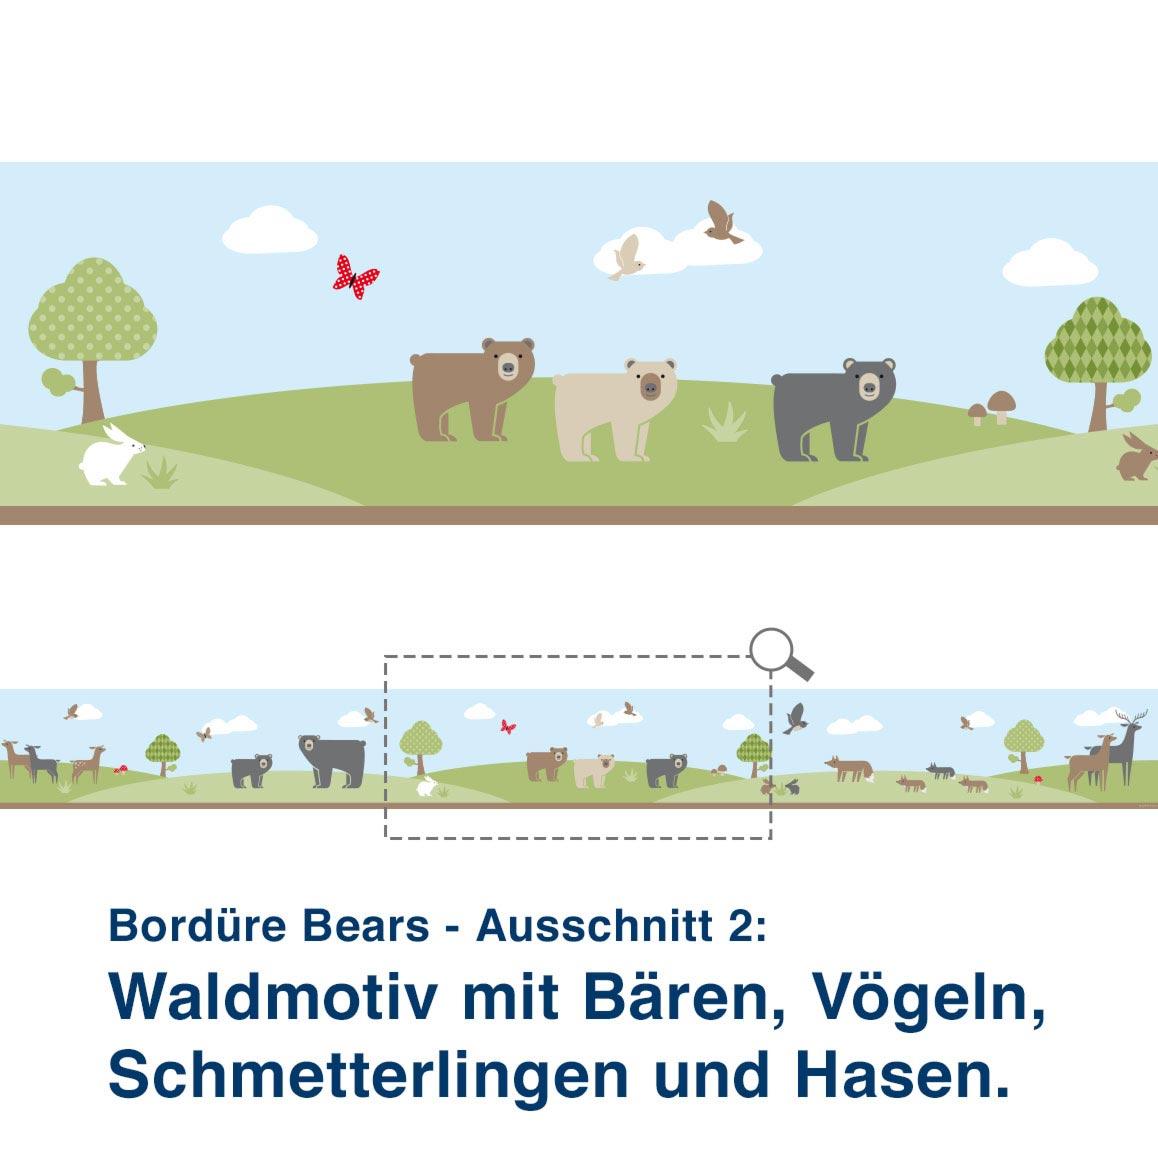 Bordüre Bears - Ausschnitt 2:   Waldmotiv mit Bären, Vögeln, Schmetterlingen und Hasen.